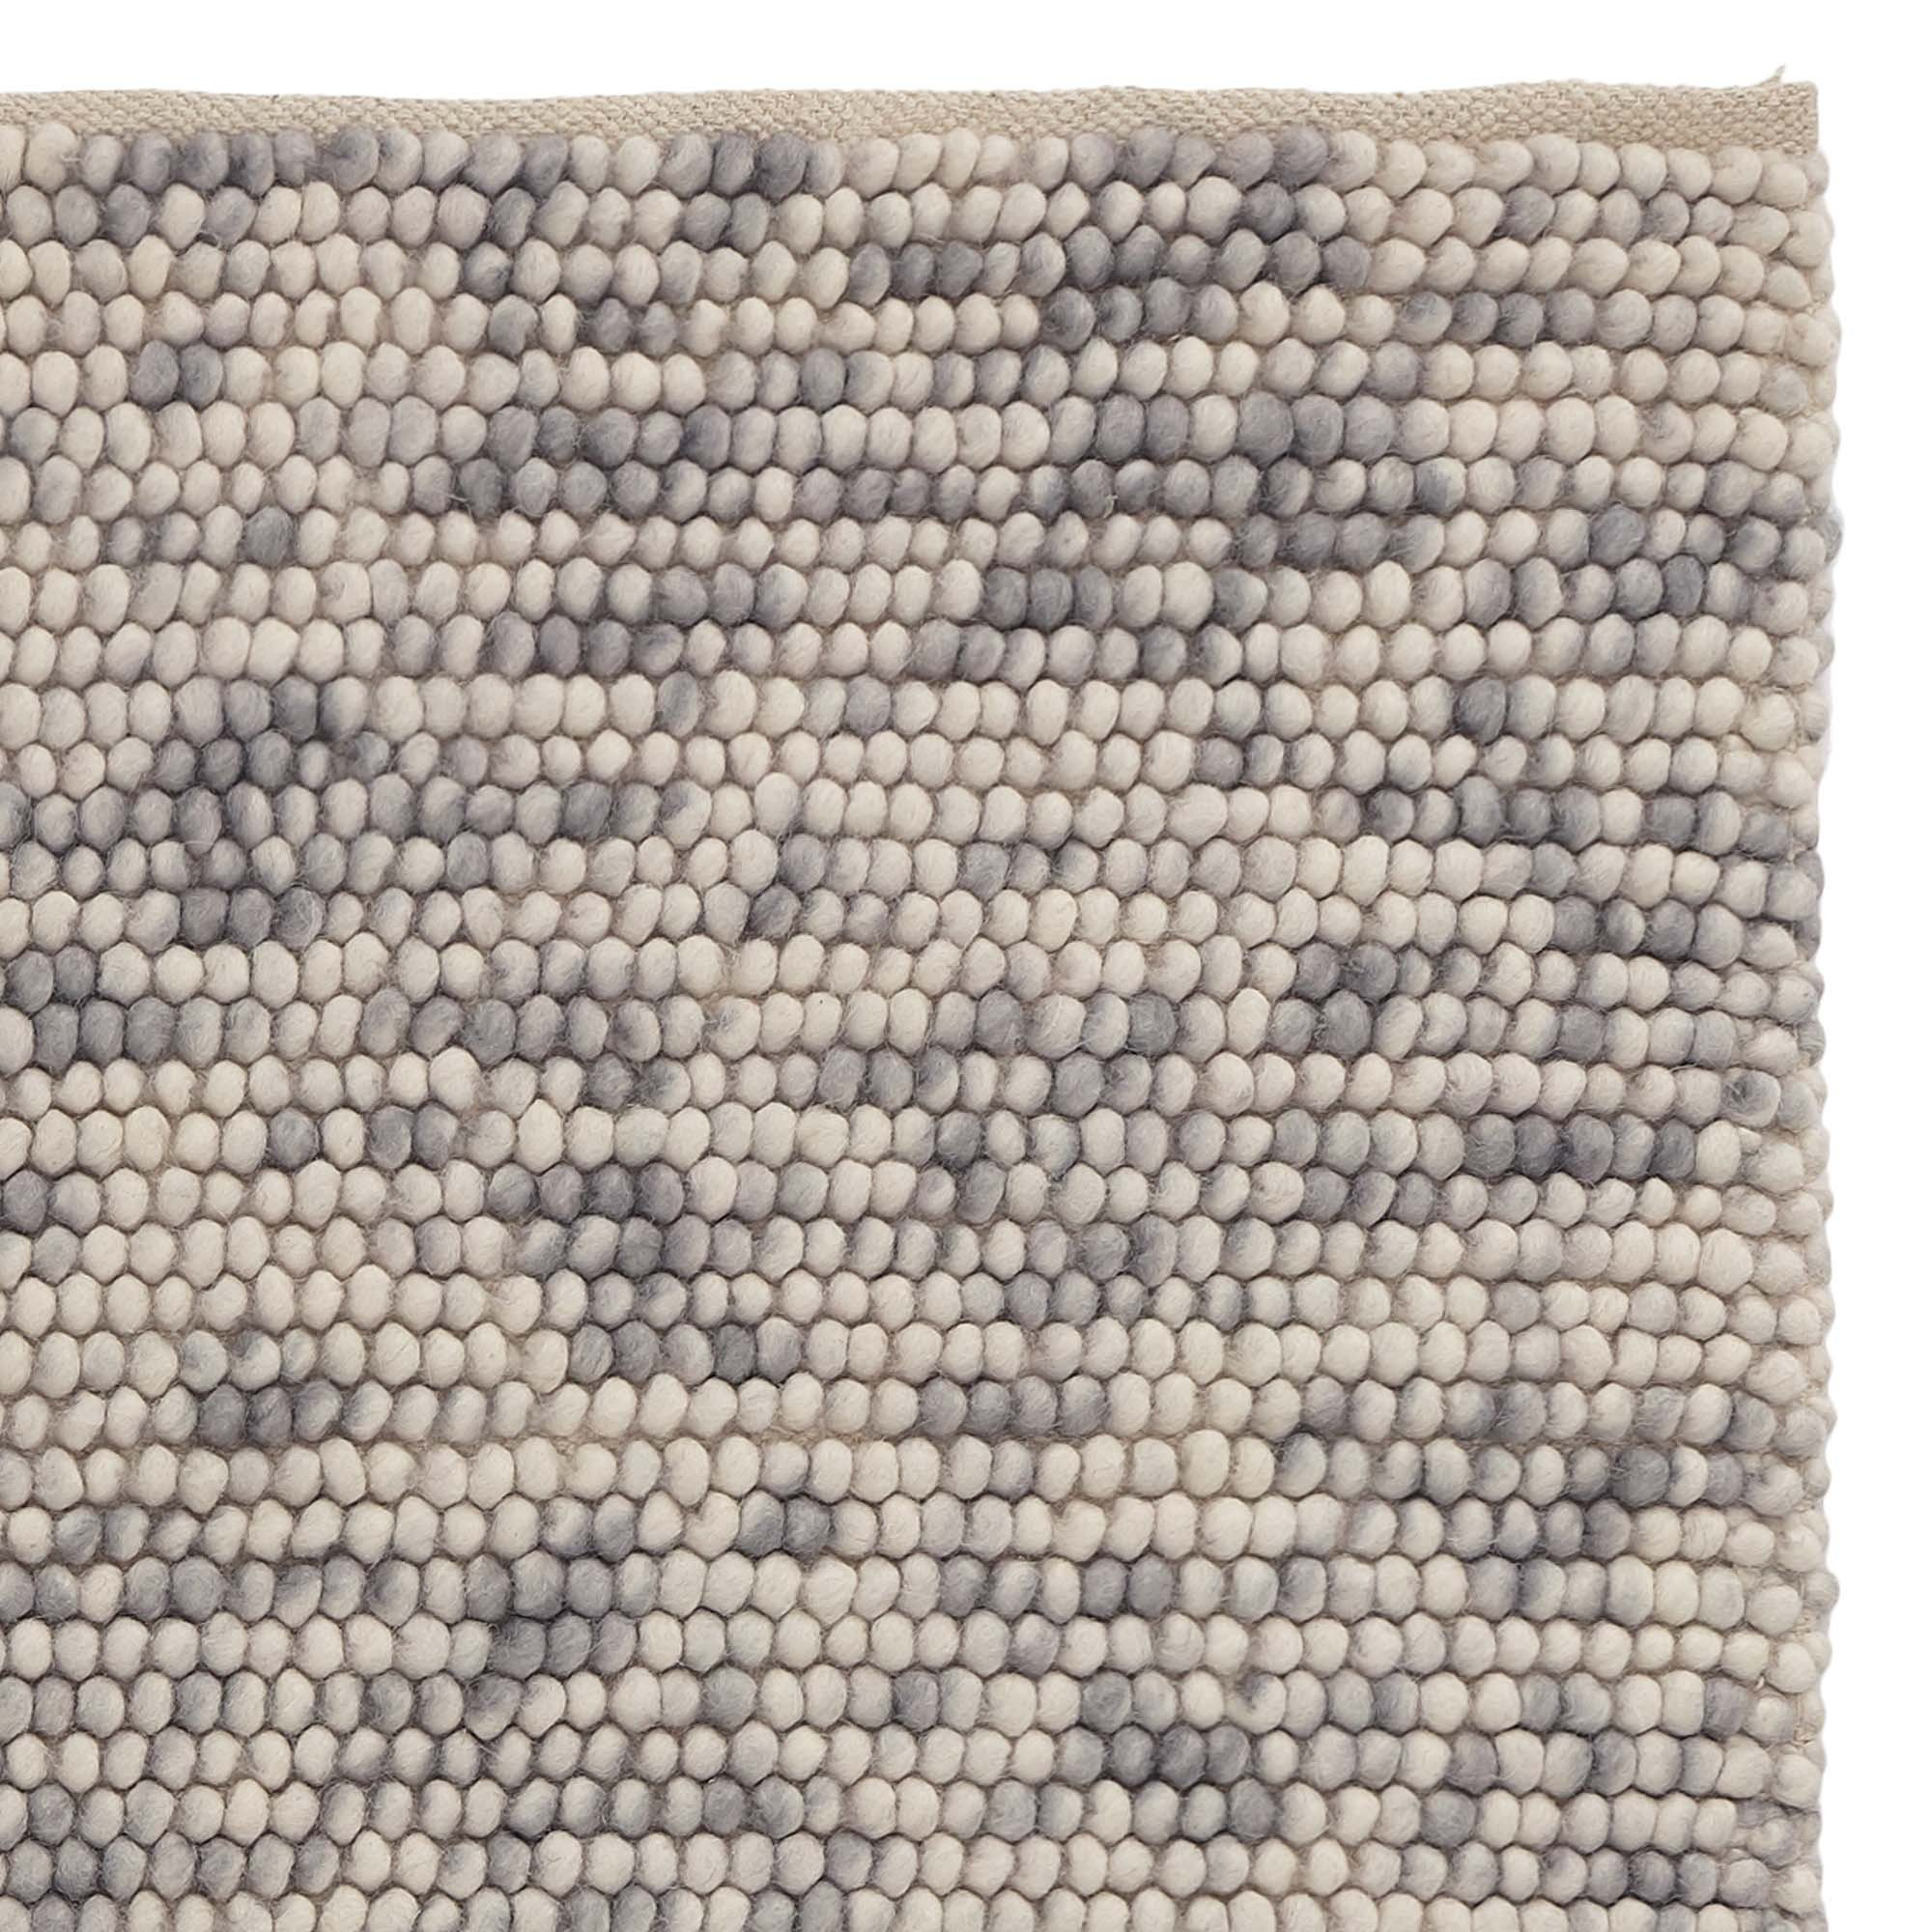 Full Size of Teppich 300x400 Wollteppich Ravi Bergro Esstisch Wohnzimmer Bad Schlafzimmer Badezimmer Küche Für Teppiche Steinteppich Wohnzimmer Teppich 300x400